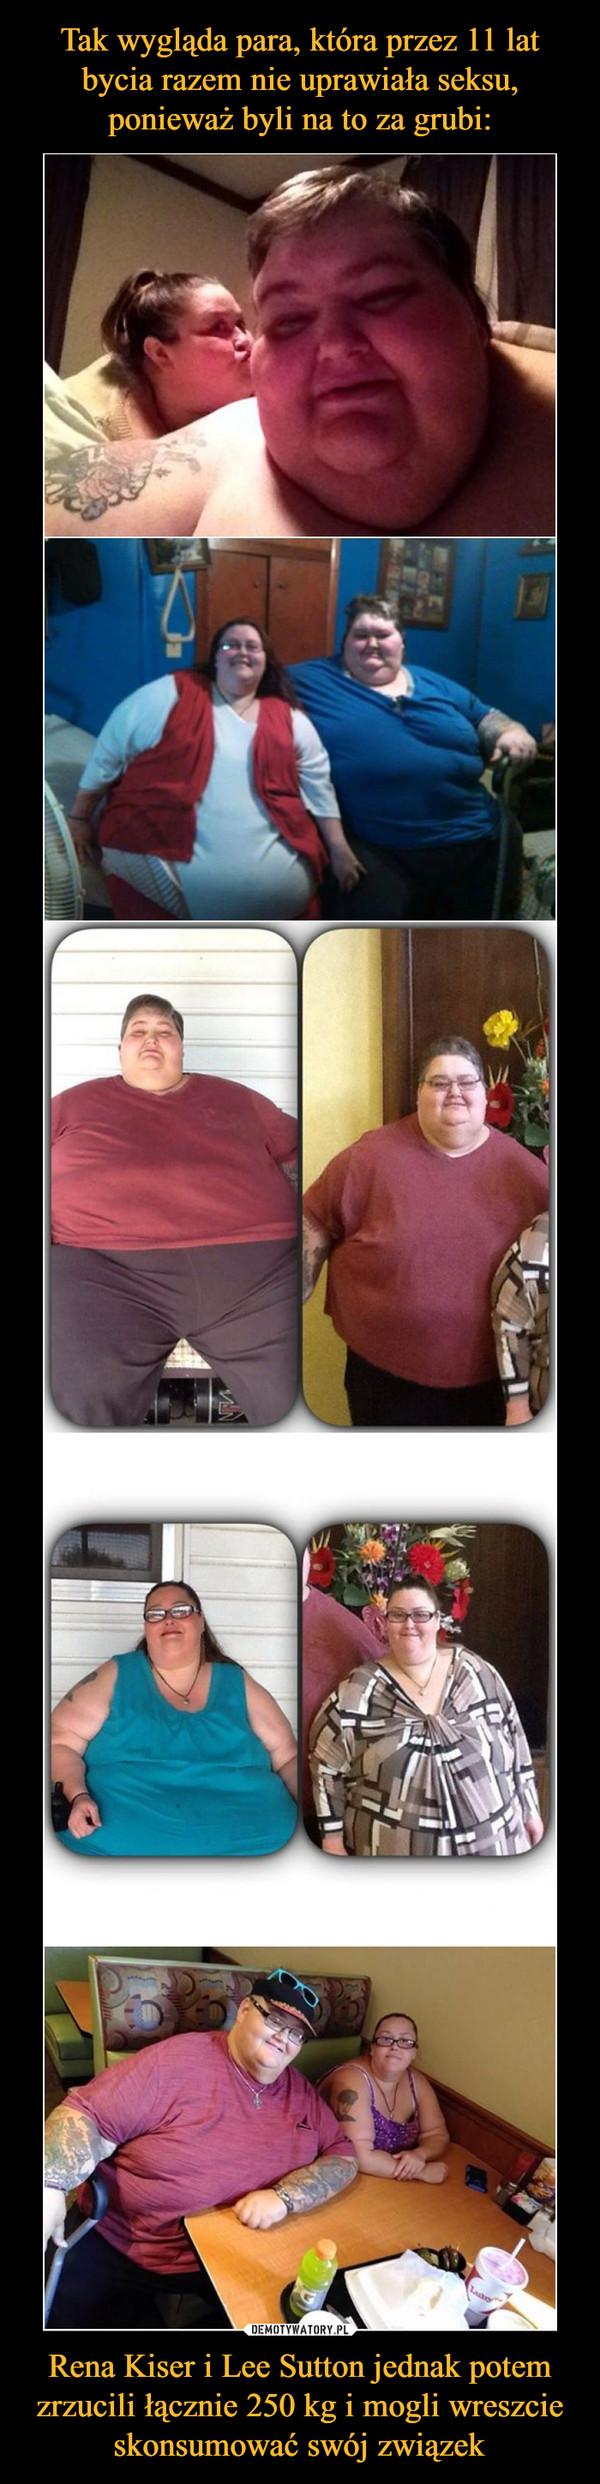 Rena Kiser i Lee Sutton jednak potem zrzucili łącznie 250 kg i mogli wreszcie skonsumować swój związek –